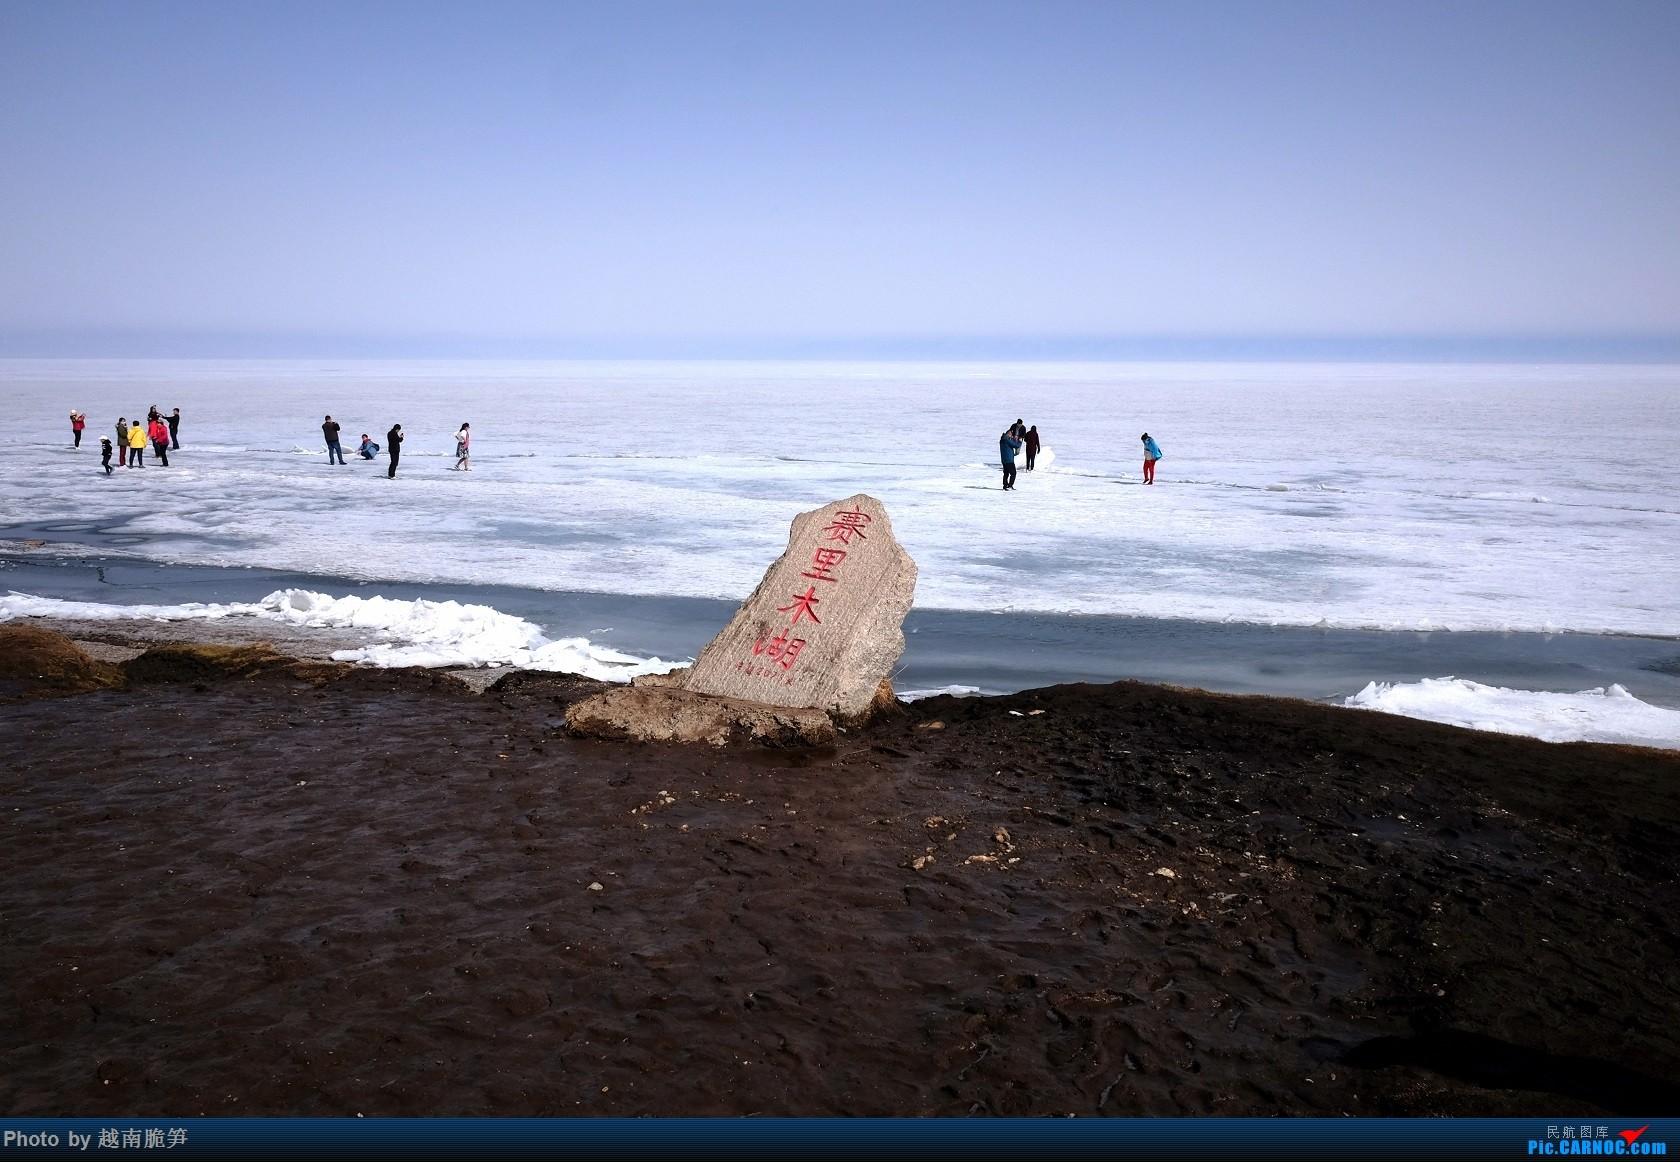 [原创]【大西洋最后的一滴泪:赛里木湖】新疆伊犁行记(全文完)